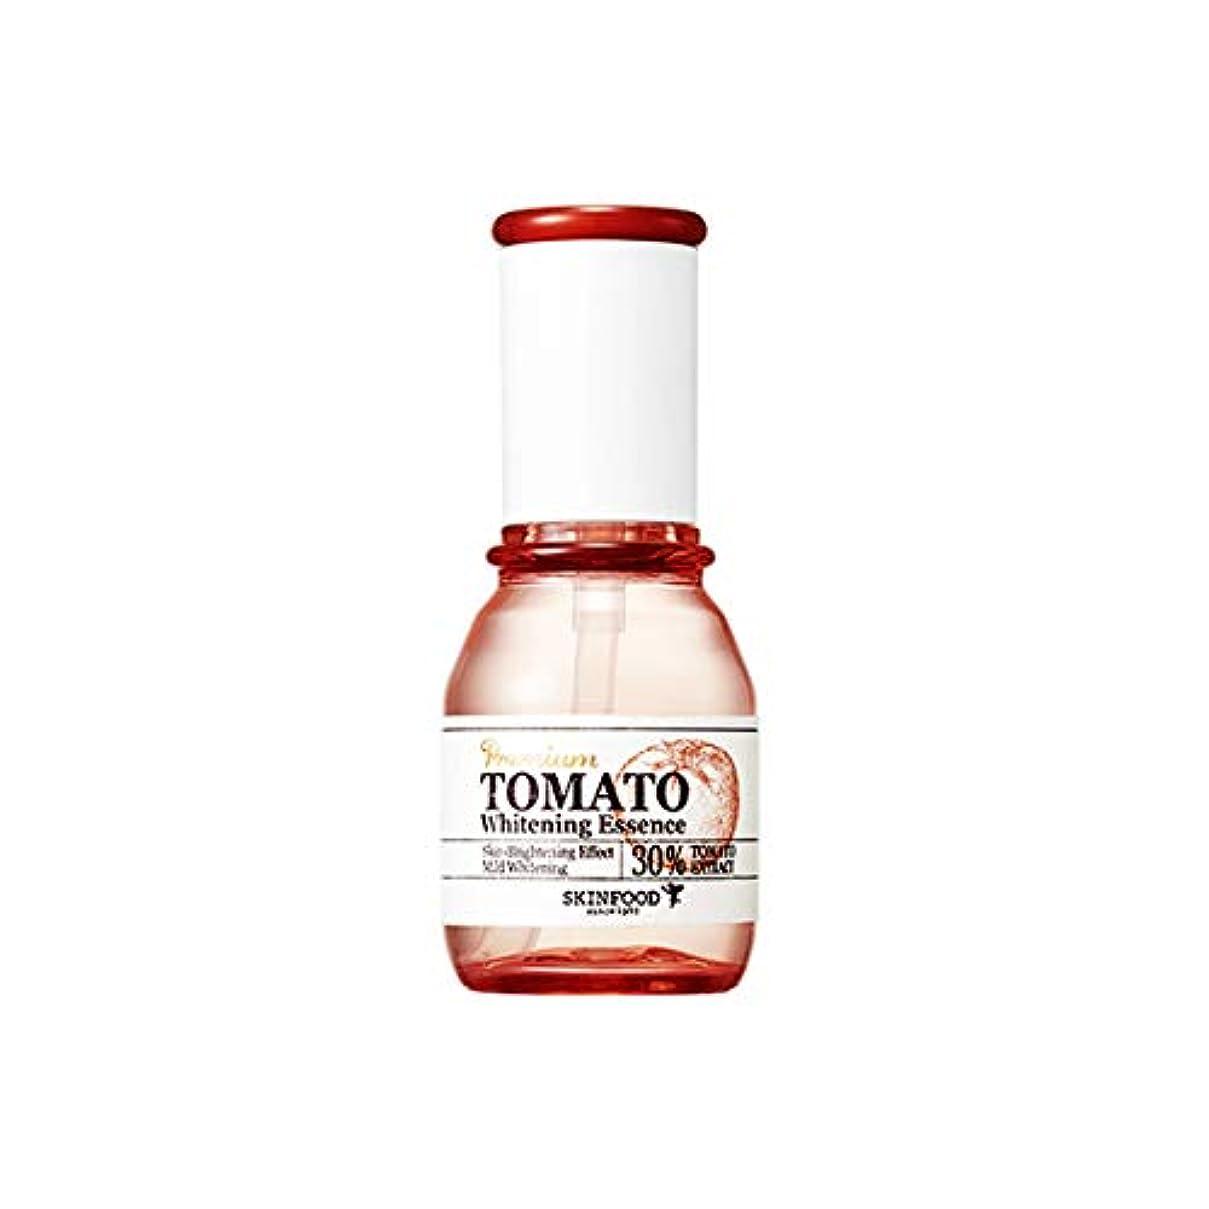 いちゃつくフレットネクタイSkinfood プレミアムトマトホワイトニングエッセンス(美白効果) / Premium Tomato Whitening Essence (Skin-Brightening Effect)50ml [並行輸入品]